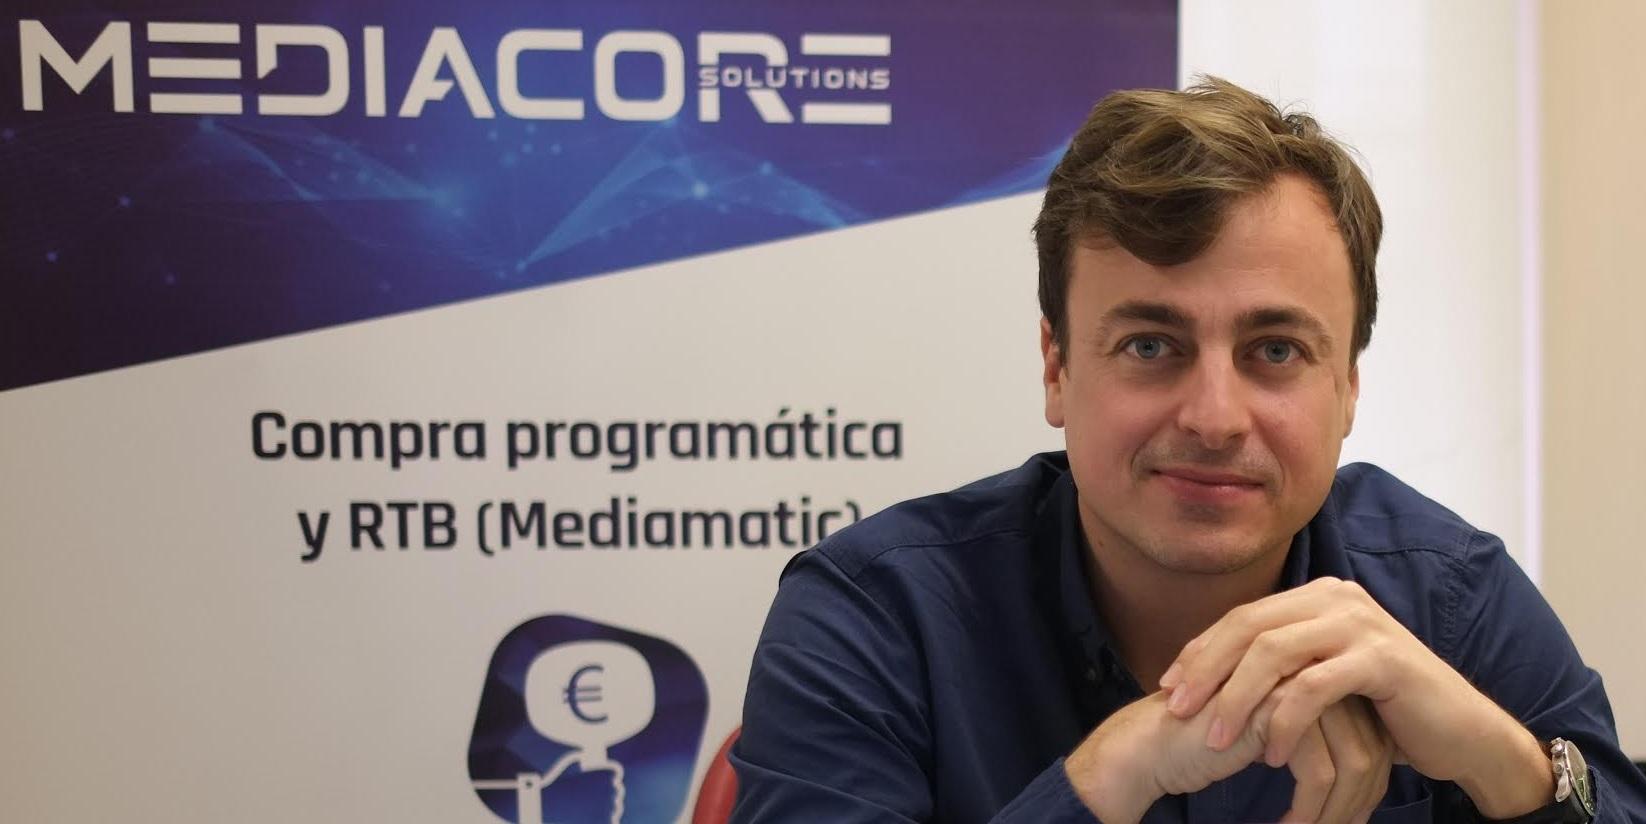 Nuevo director general de Mediacore Solutions